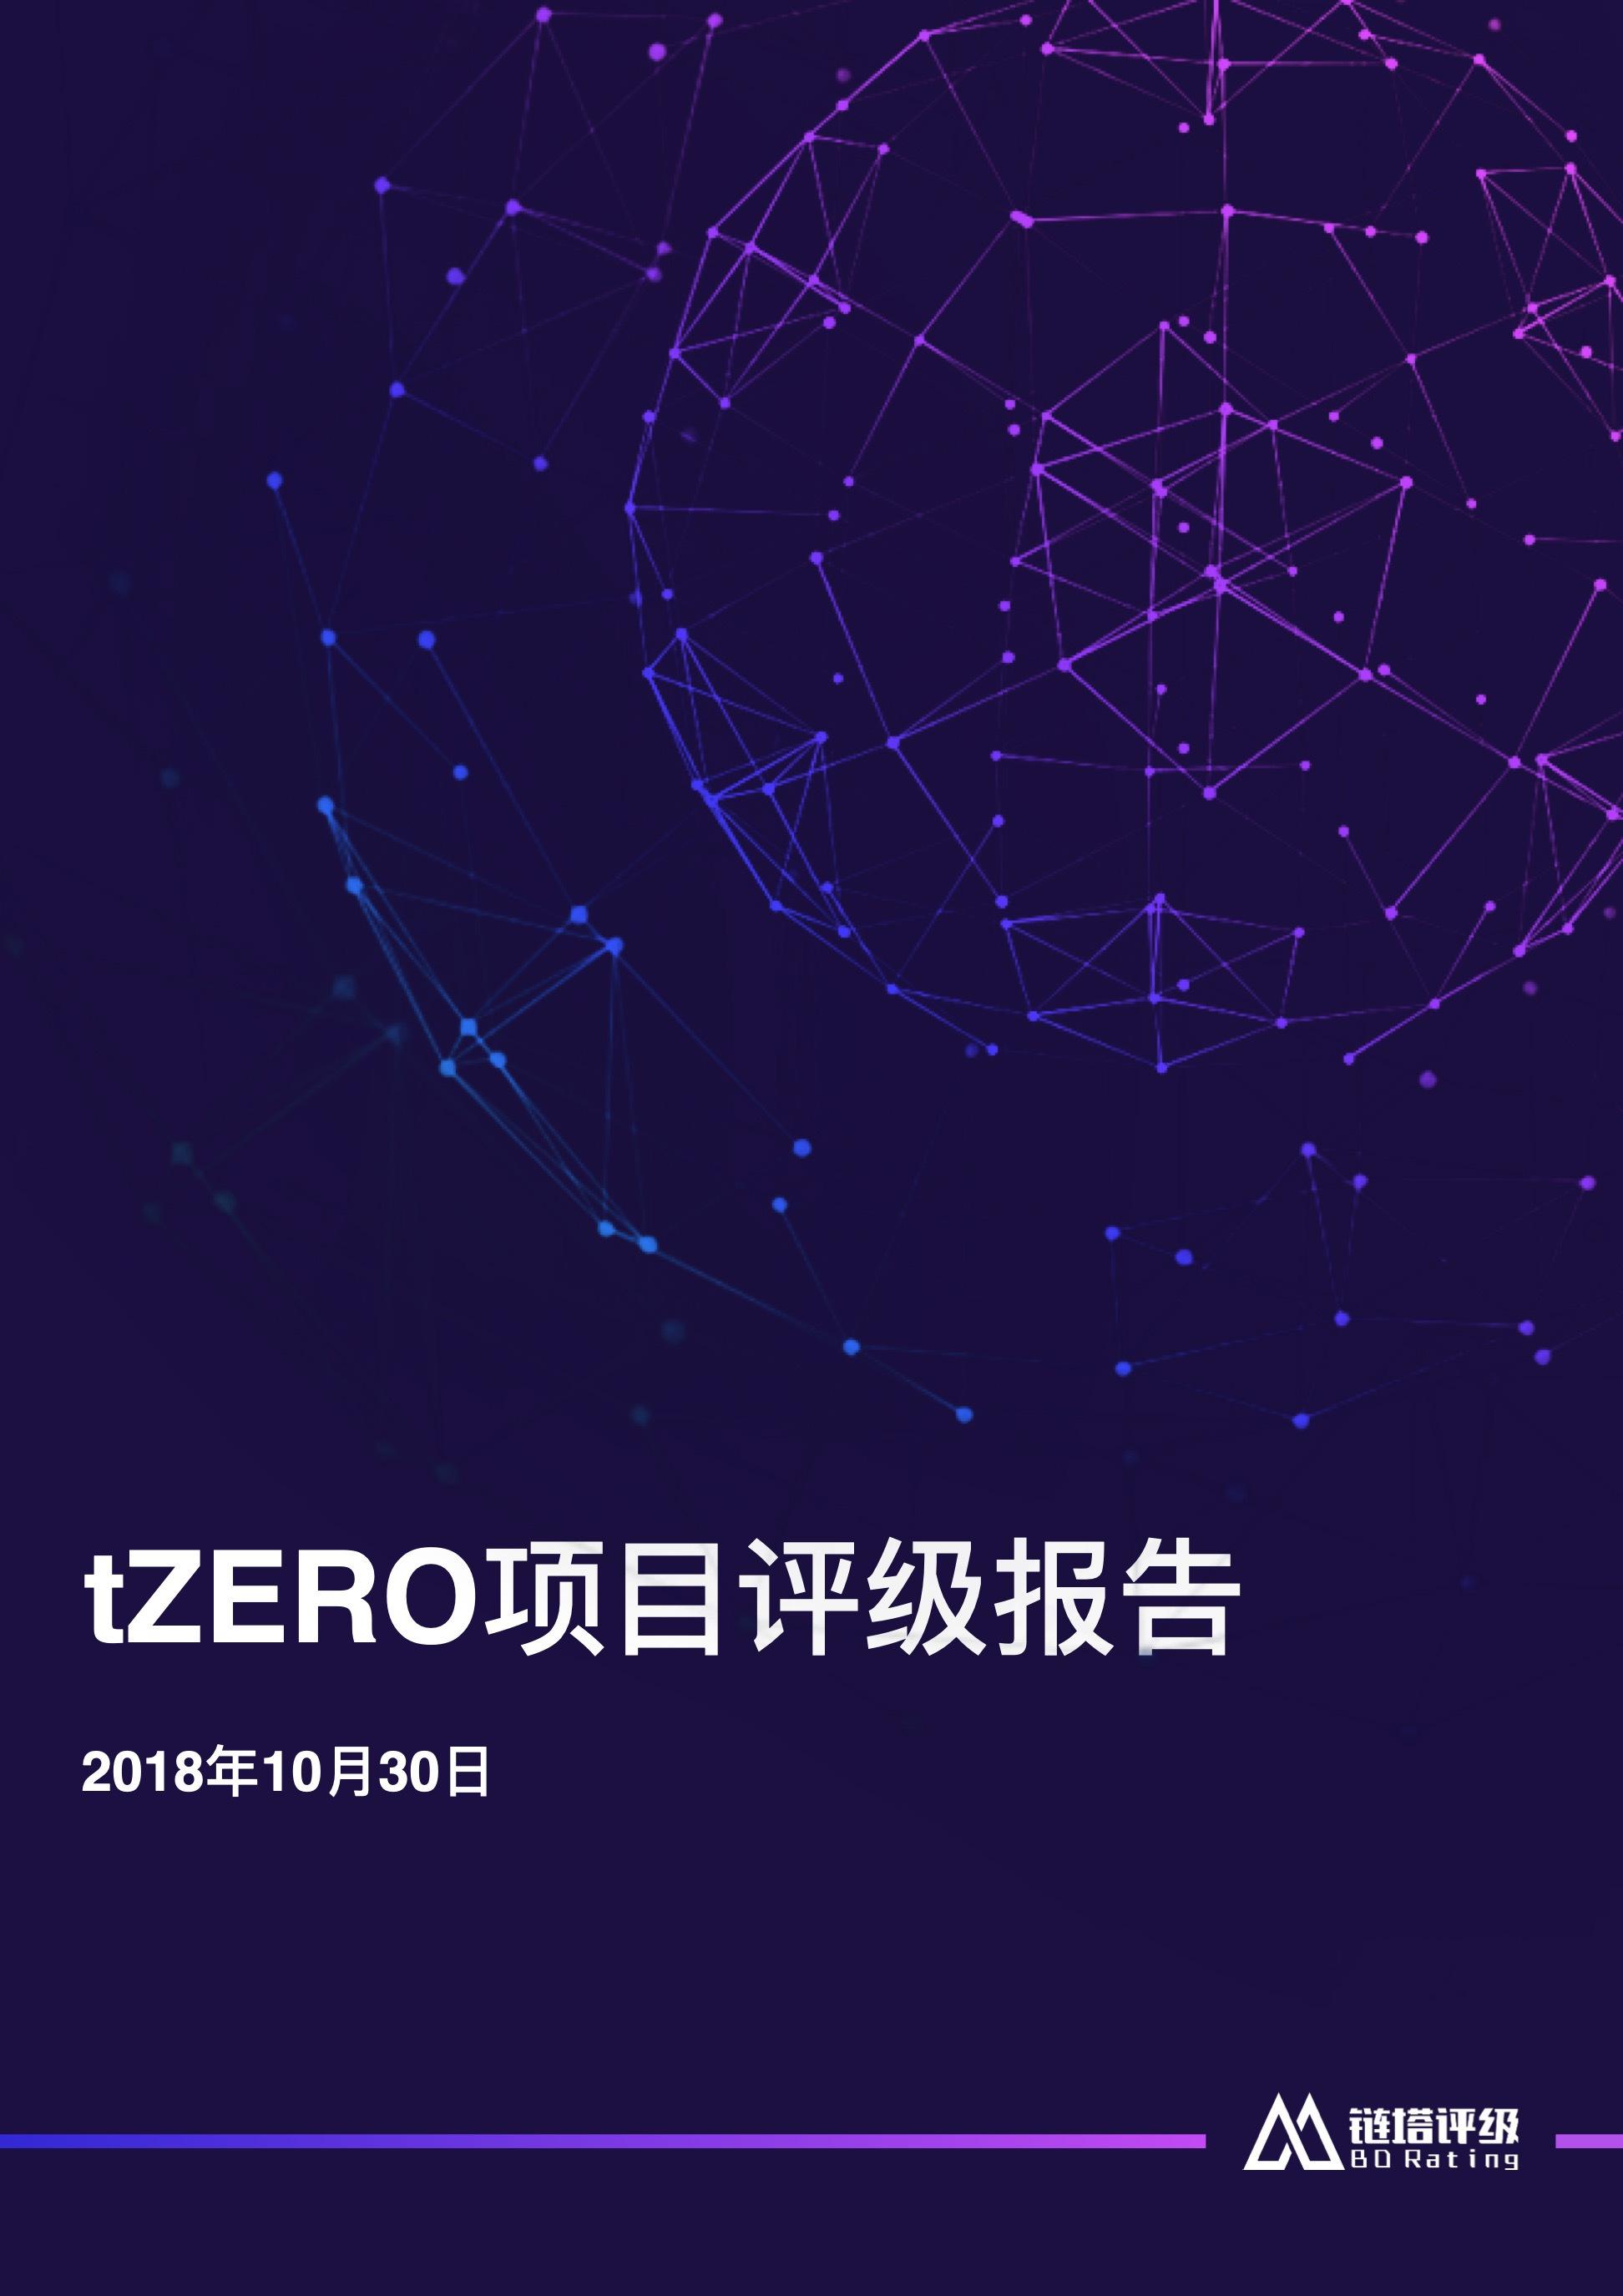 tZERO项目评级报告:B级 信息披露不完整 STO未来不确定性较大 | 链塔评级